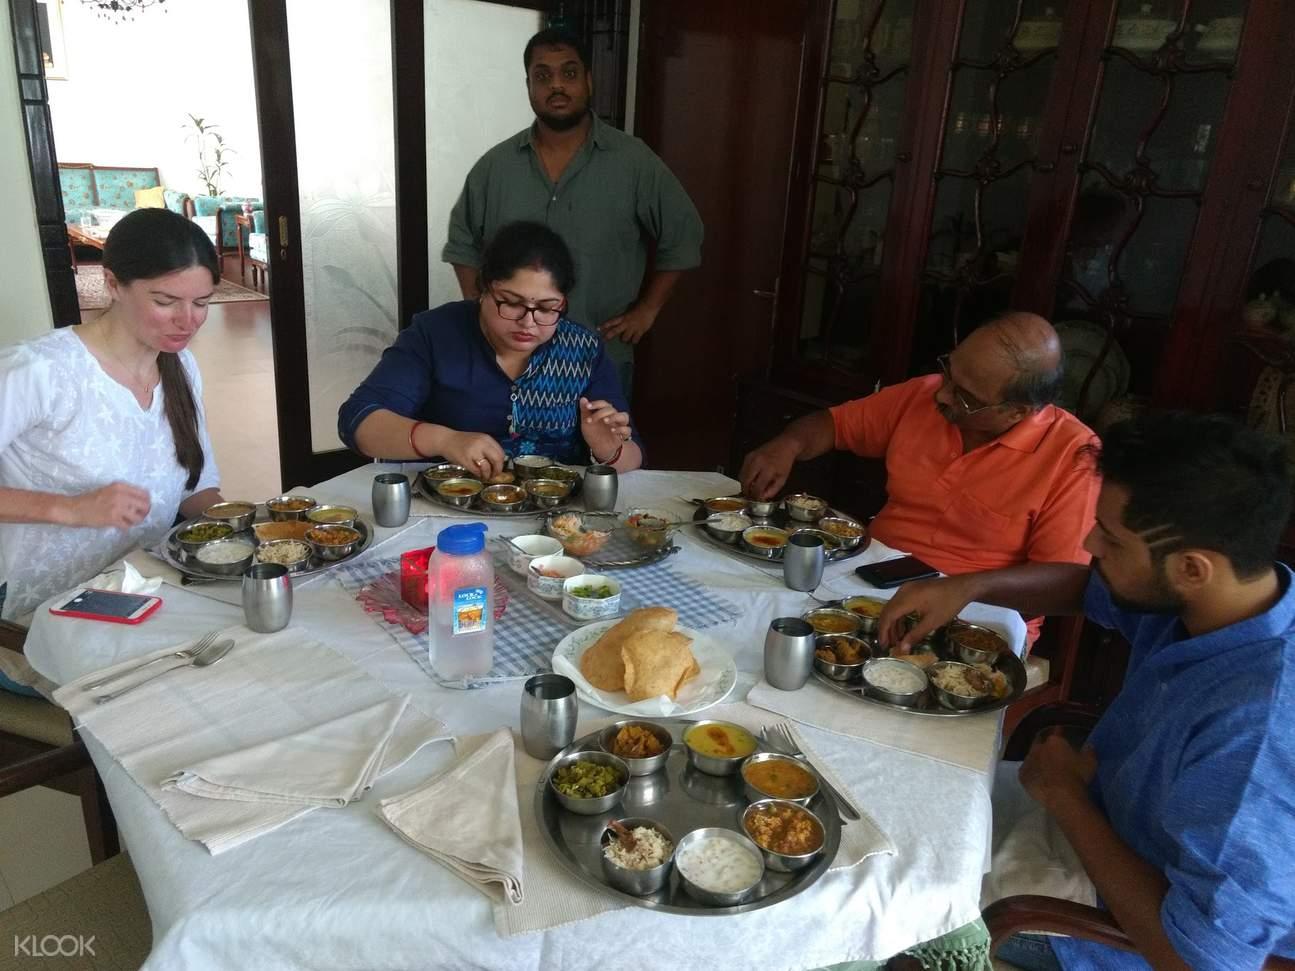 Delhi cooking class